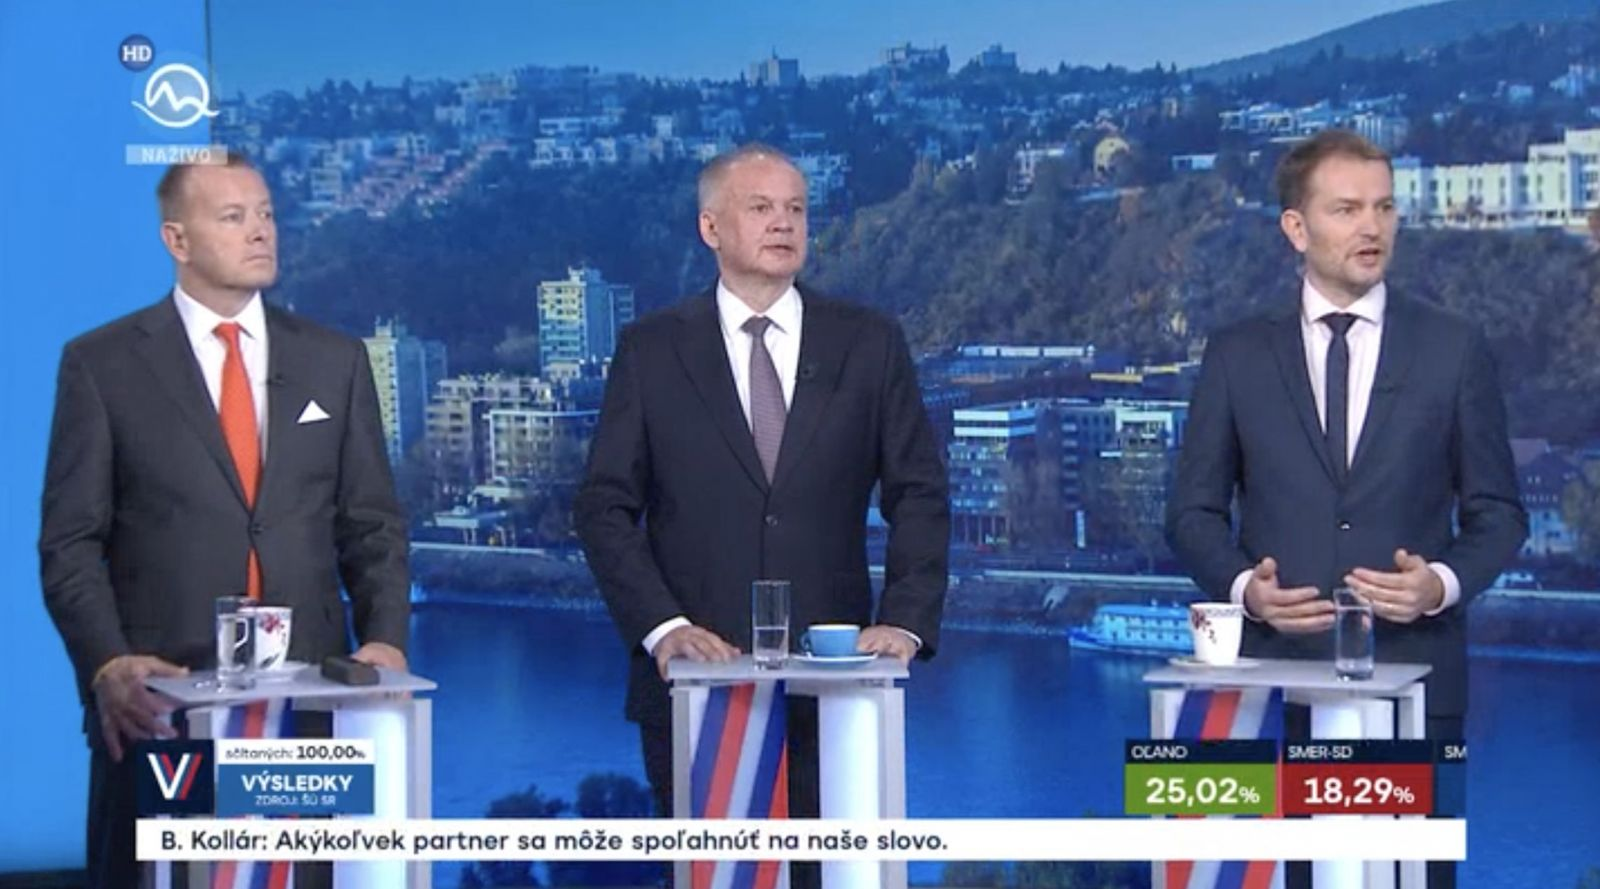 Sledujeme NAŽIVO Parlamentné voľby: Absolútne prehrali voľby PS/Spolu a pán exprezident, zaútočil Pellegrini na Kisku